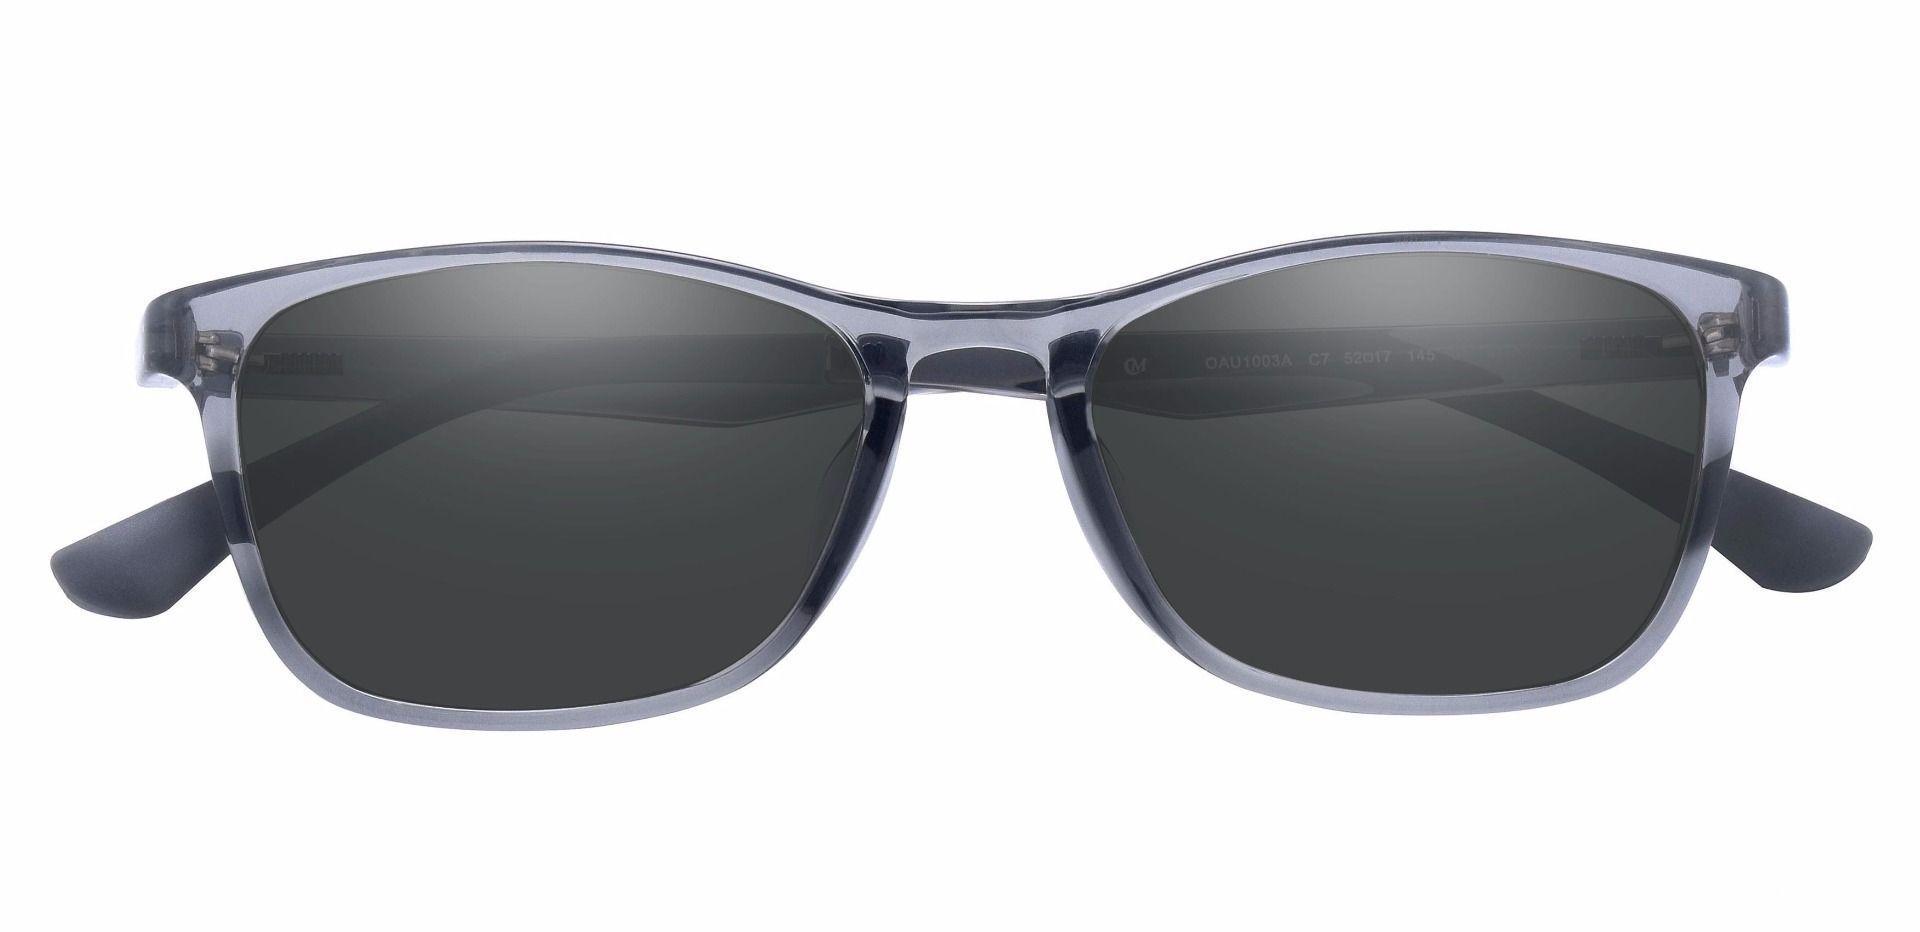 Merritt Rectangle Prescription Sunglasses - Gray Frame With Gray Lenses